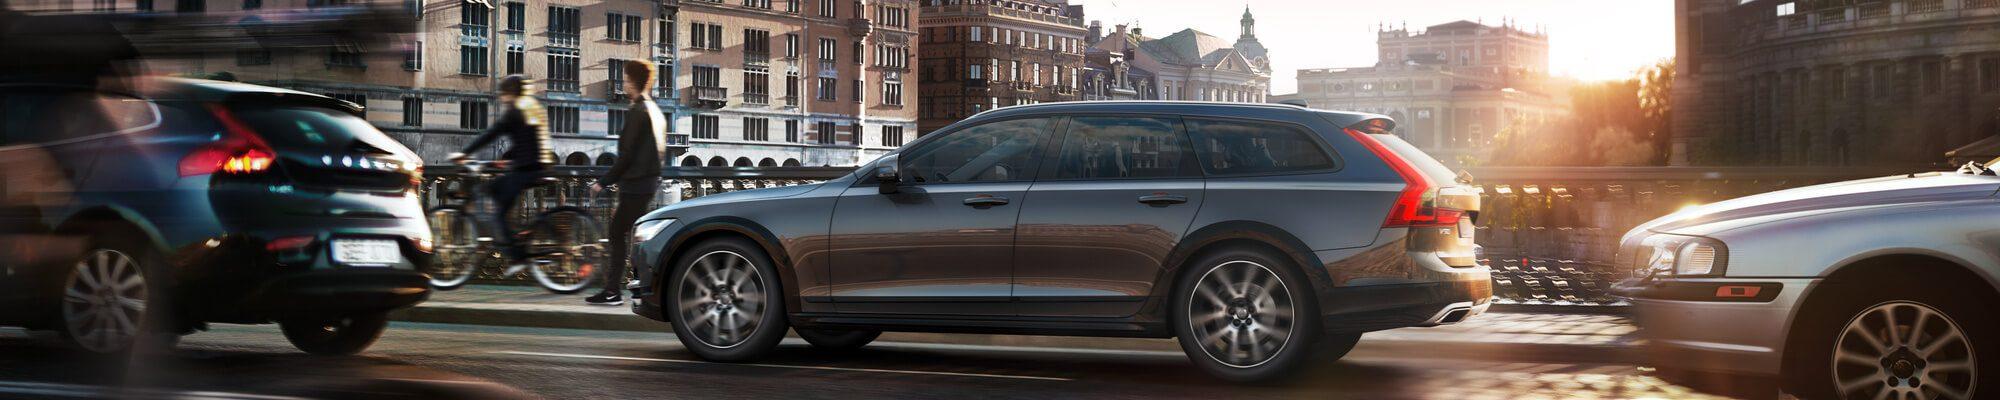 Volvo Bangarage Verzekeren